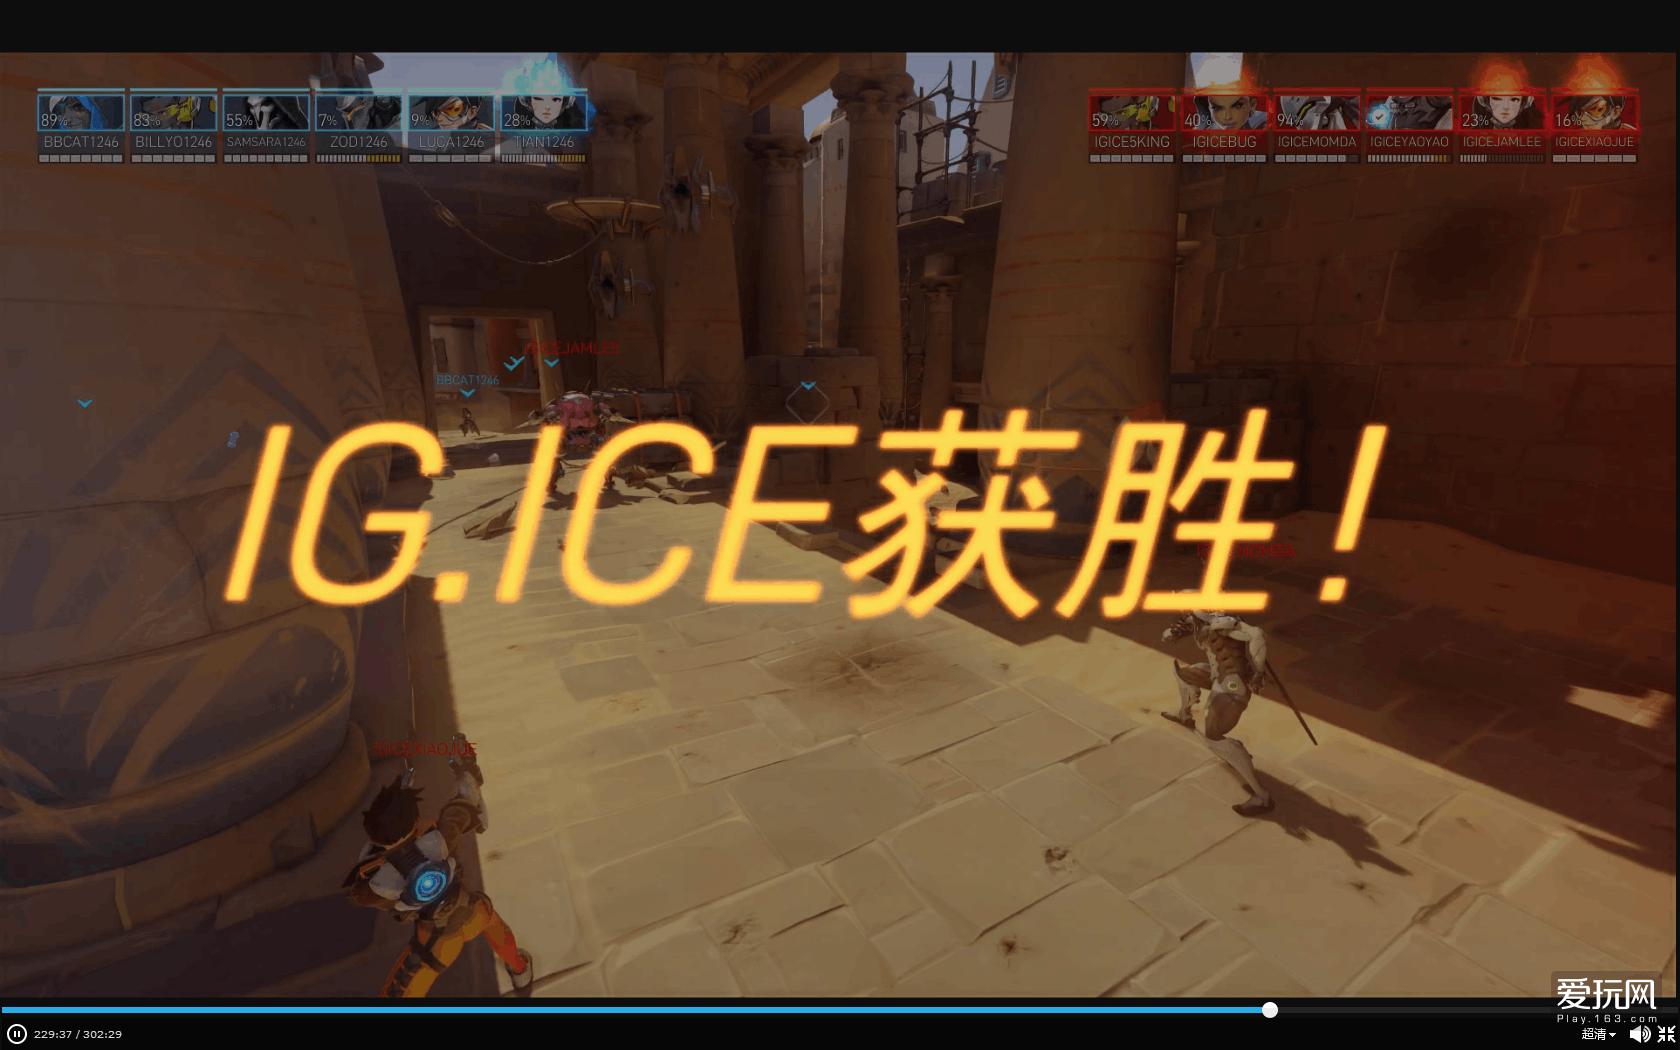 守望先锋联赛:新套路:ICE黑爪体系 OMG不敌MY